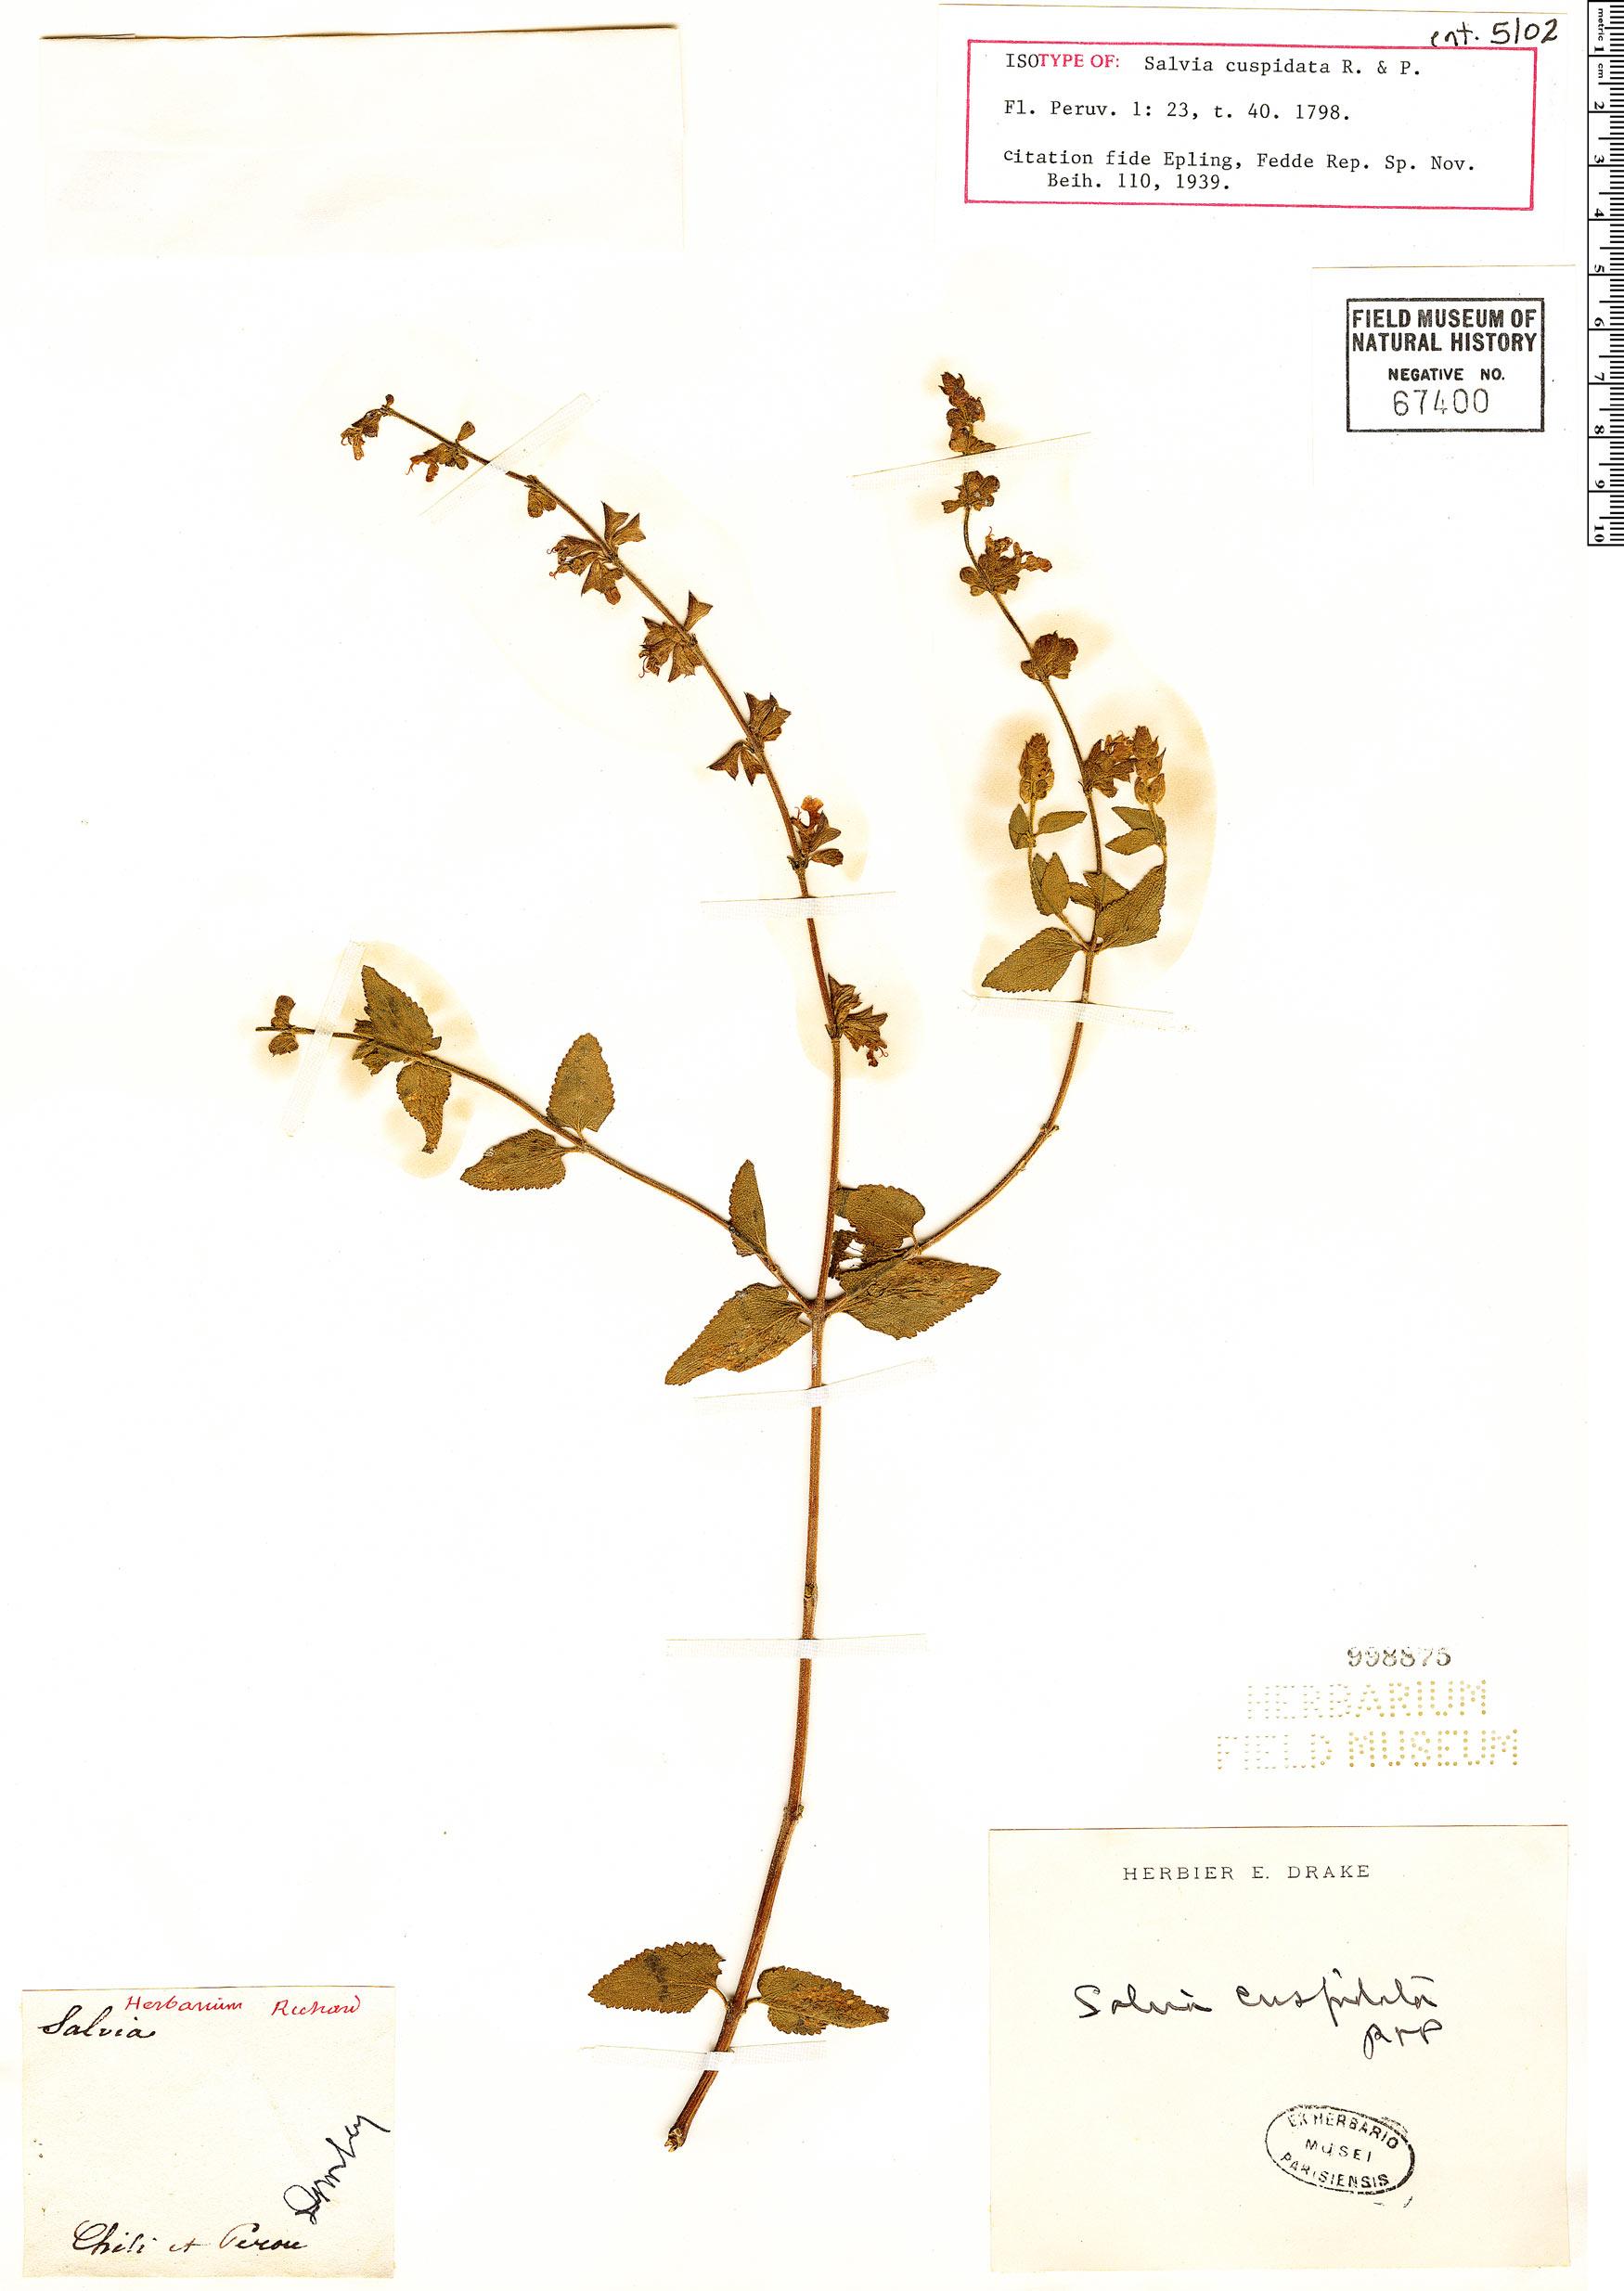 Specimen: Salvia cuspidata